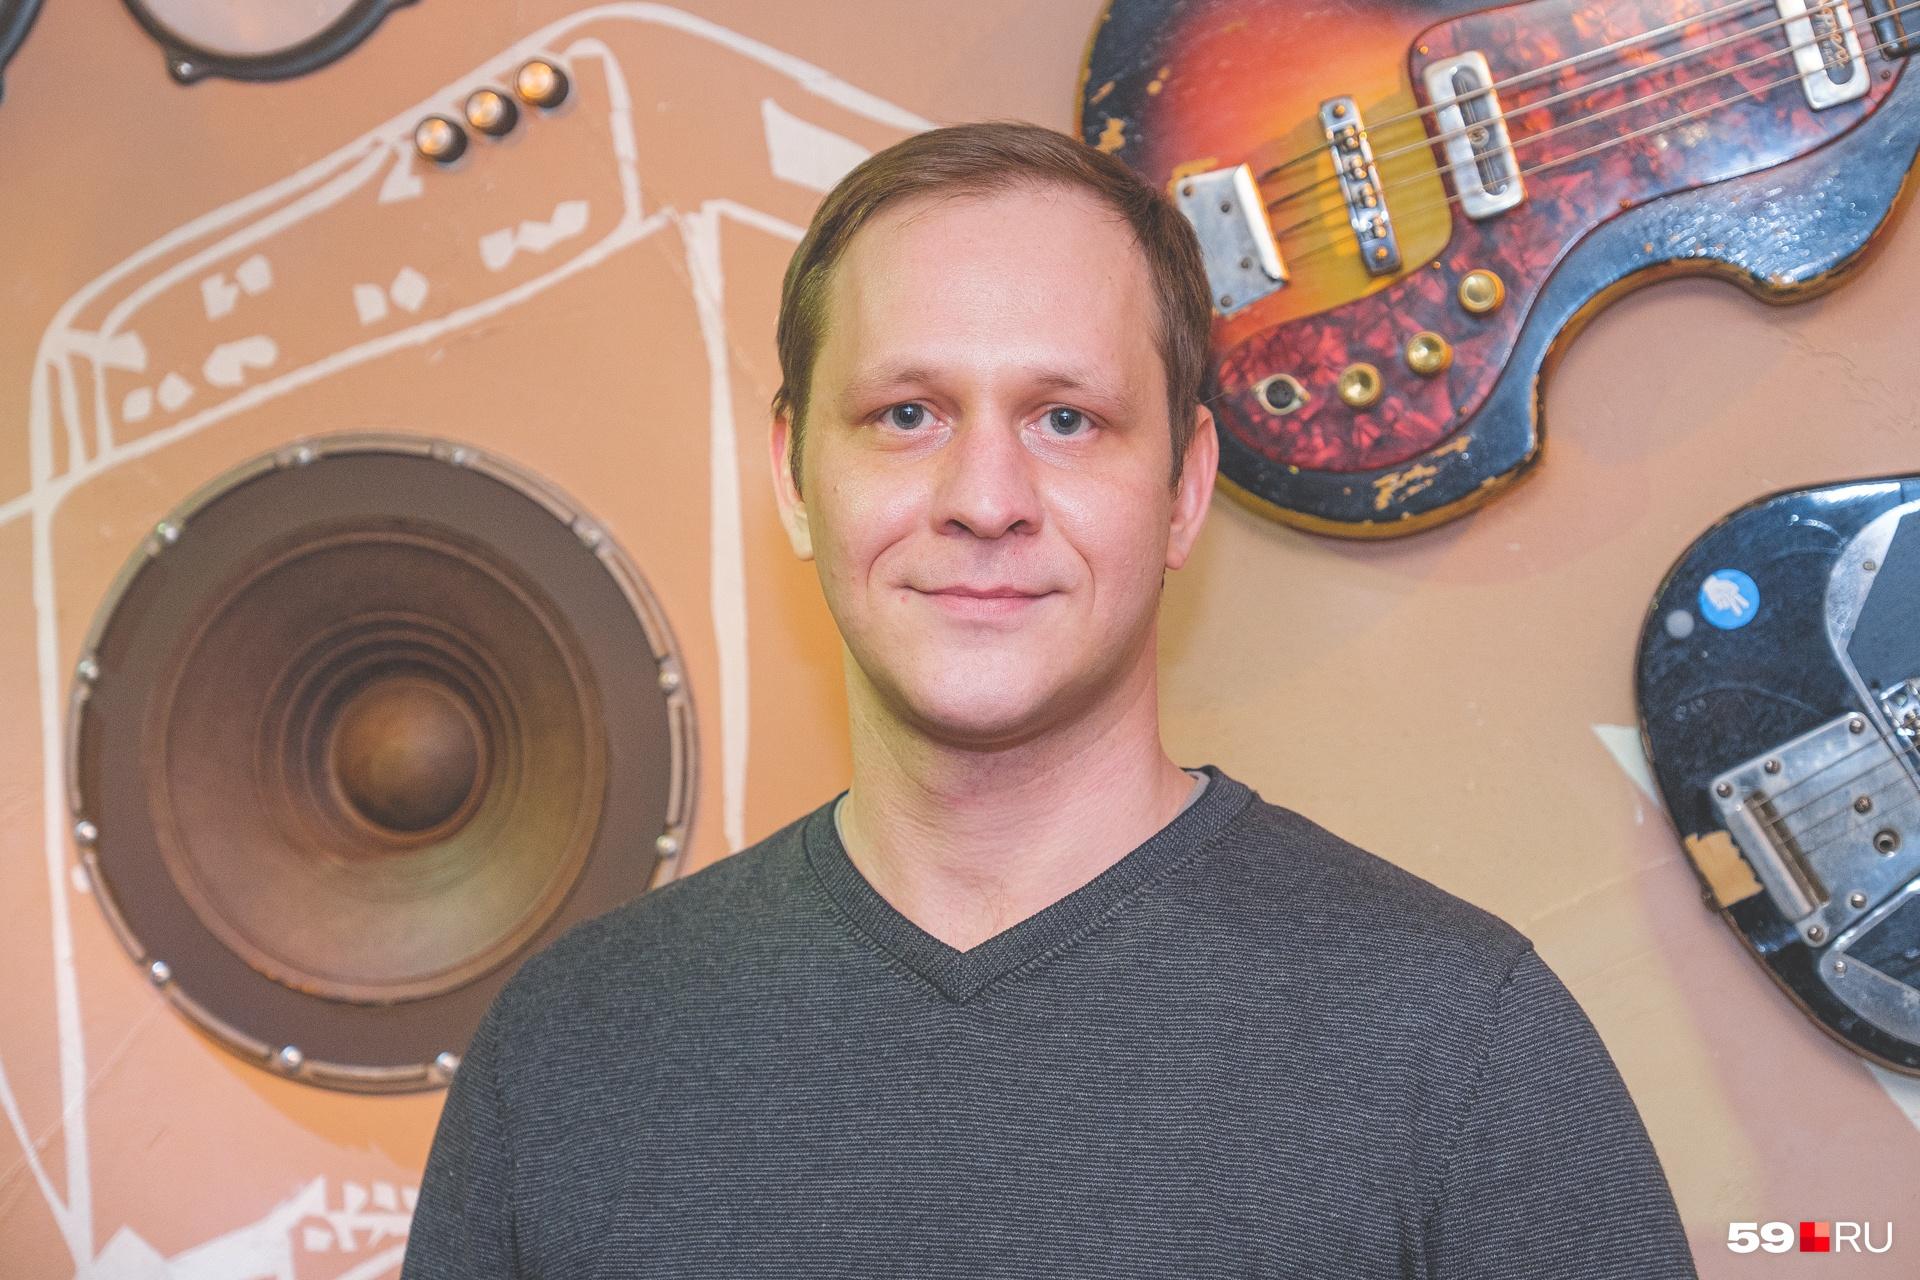 Кирилл Яшин помогал отцу с момента открытия бара, а сейчас является директором заведения